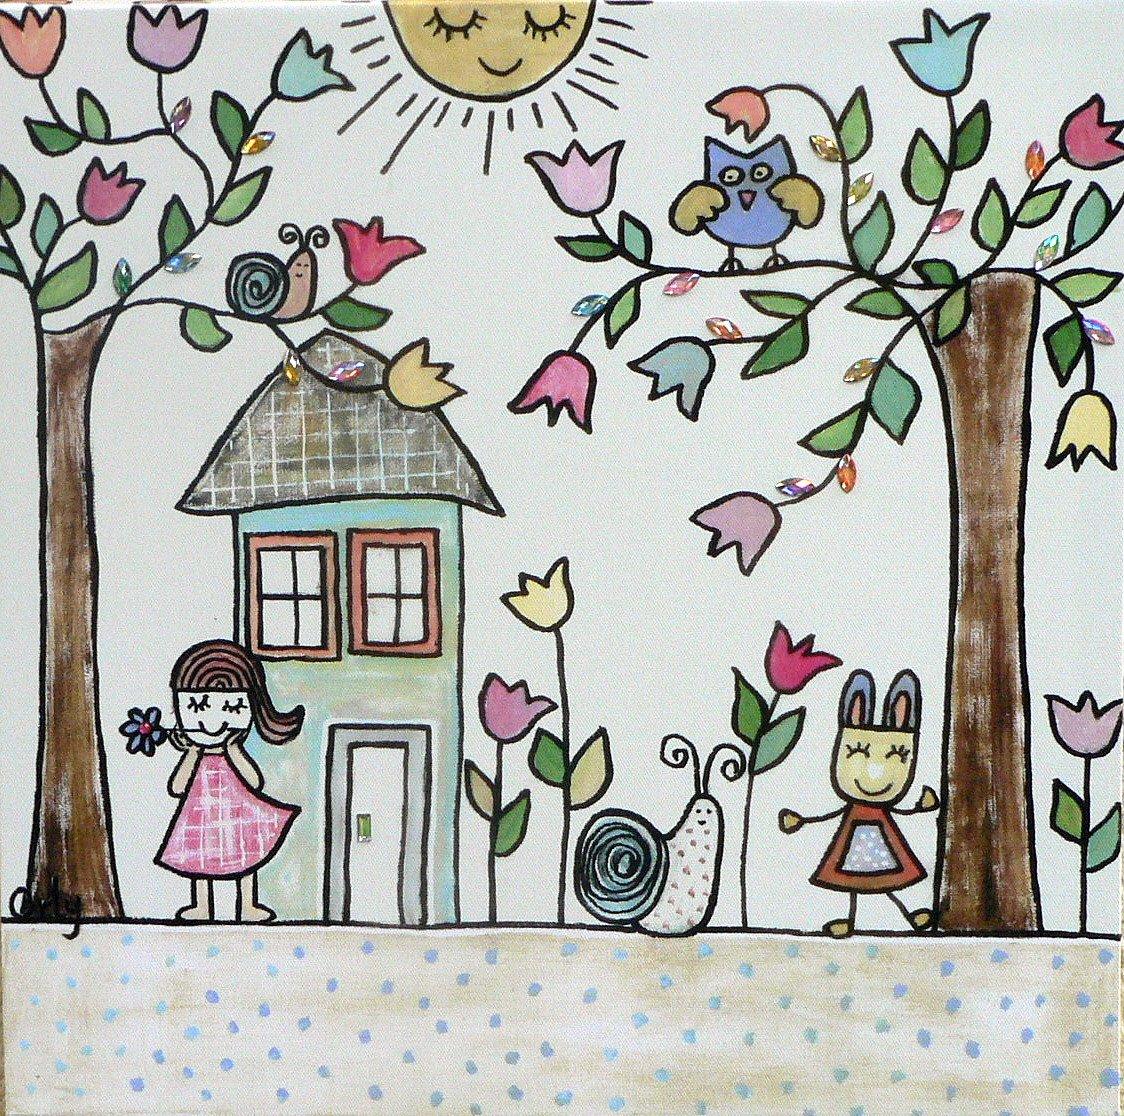 Orly Kunst für Kinder Wandbild Schöner Tag, 40 x 40 cm